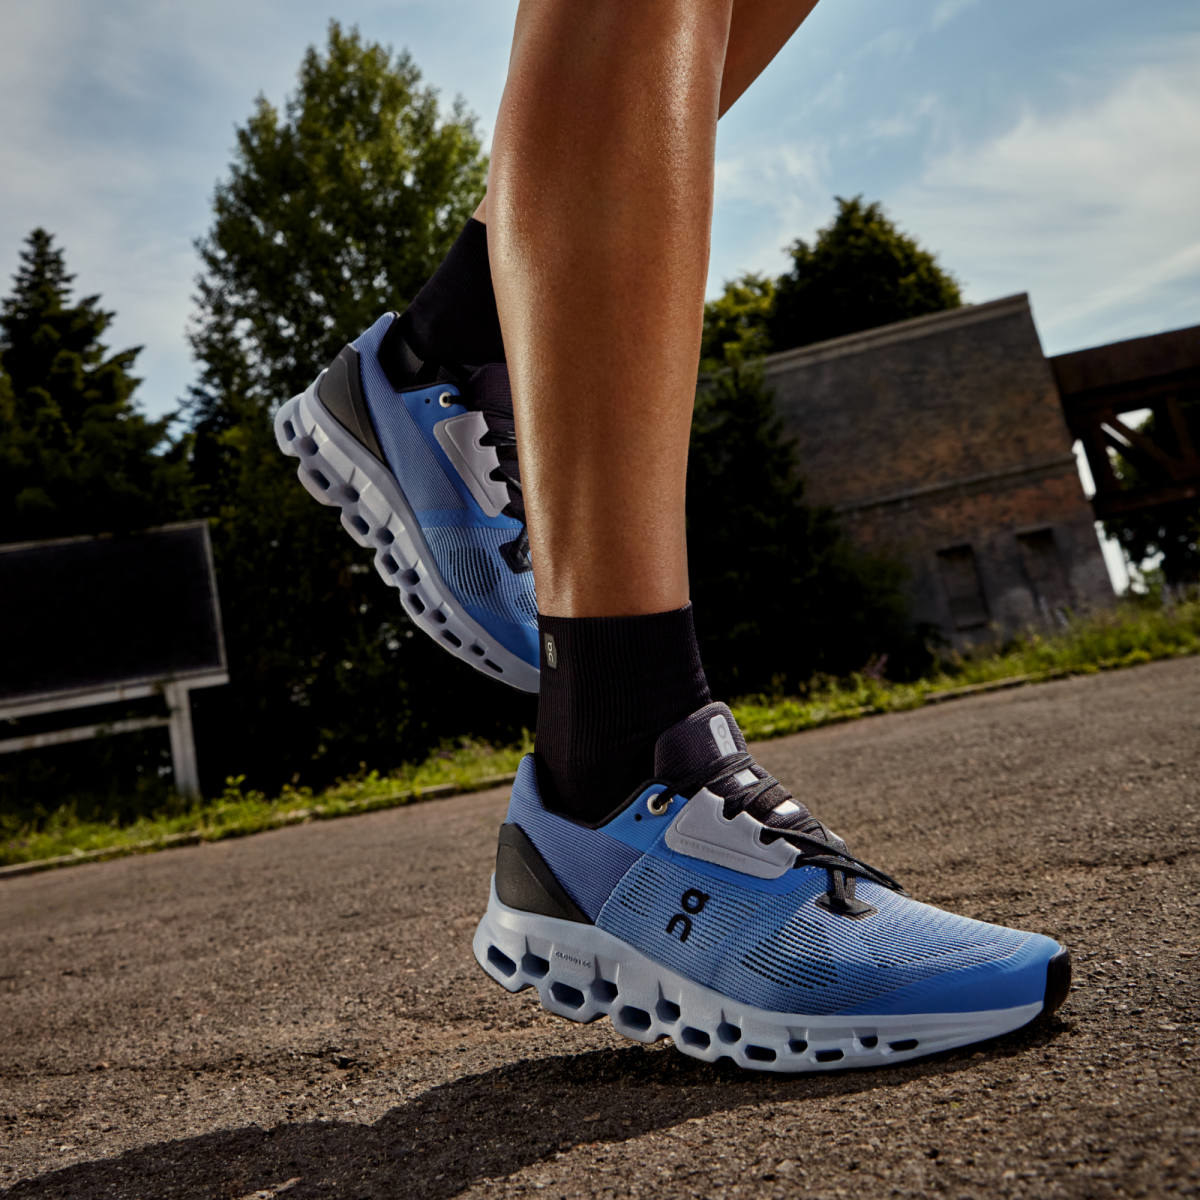 model wearing the blue sneakers